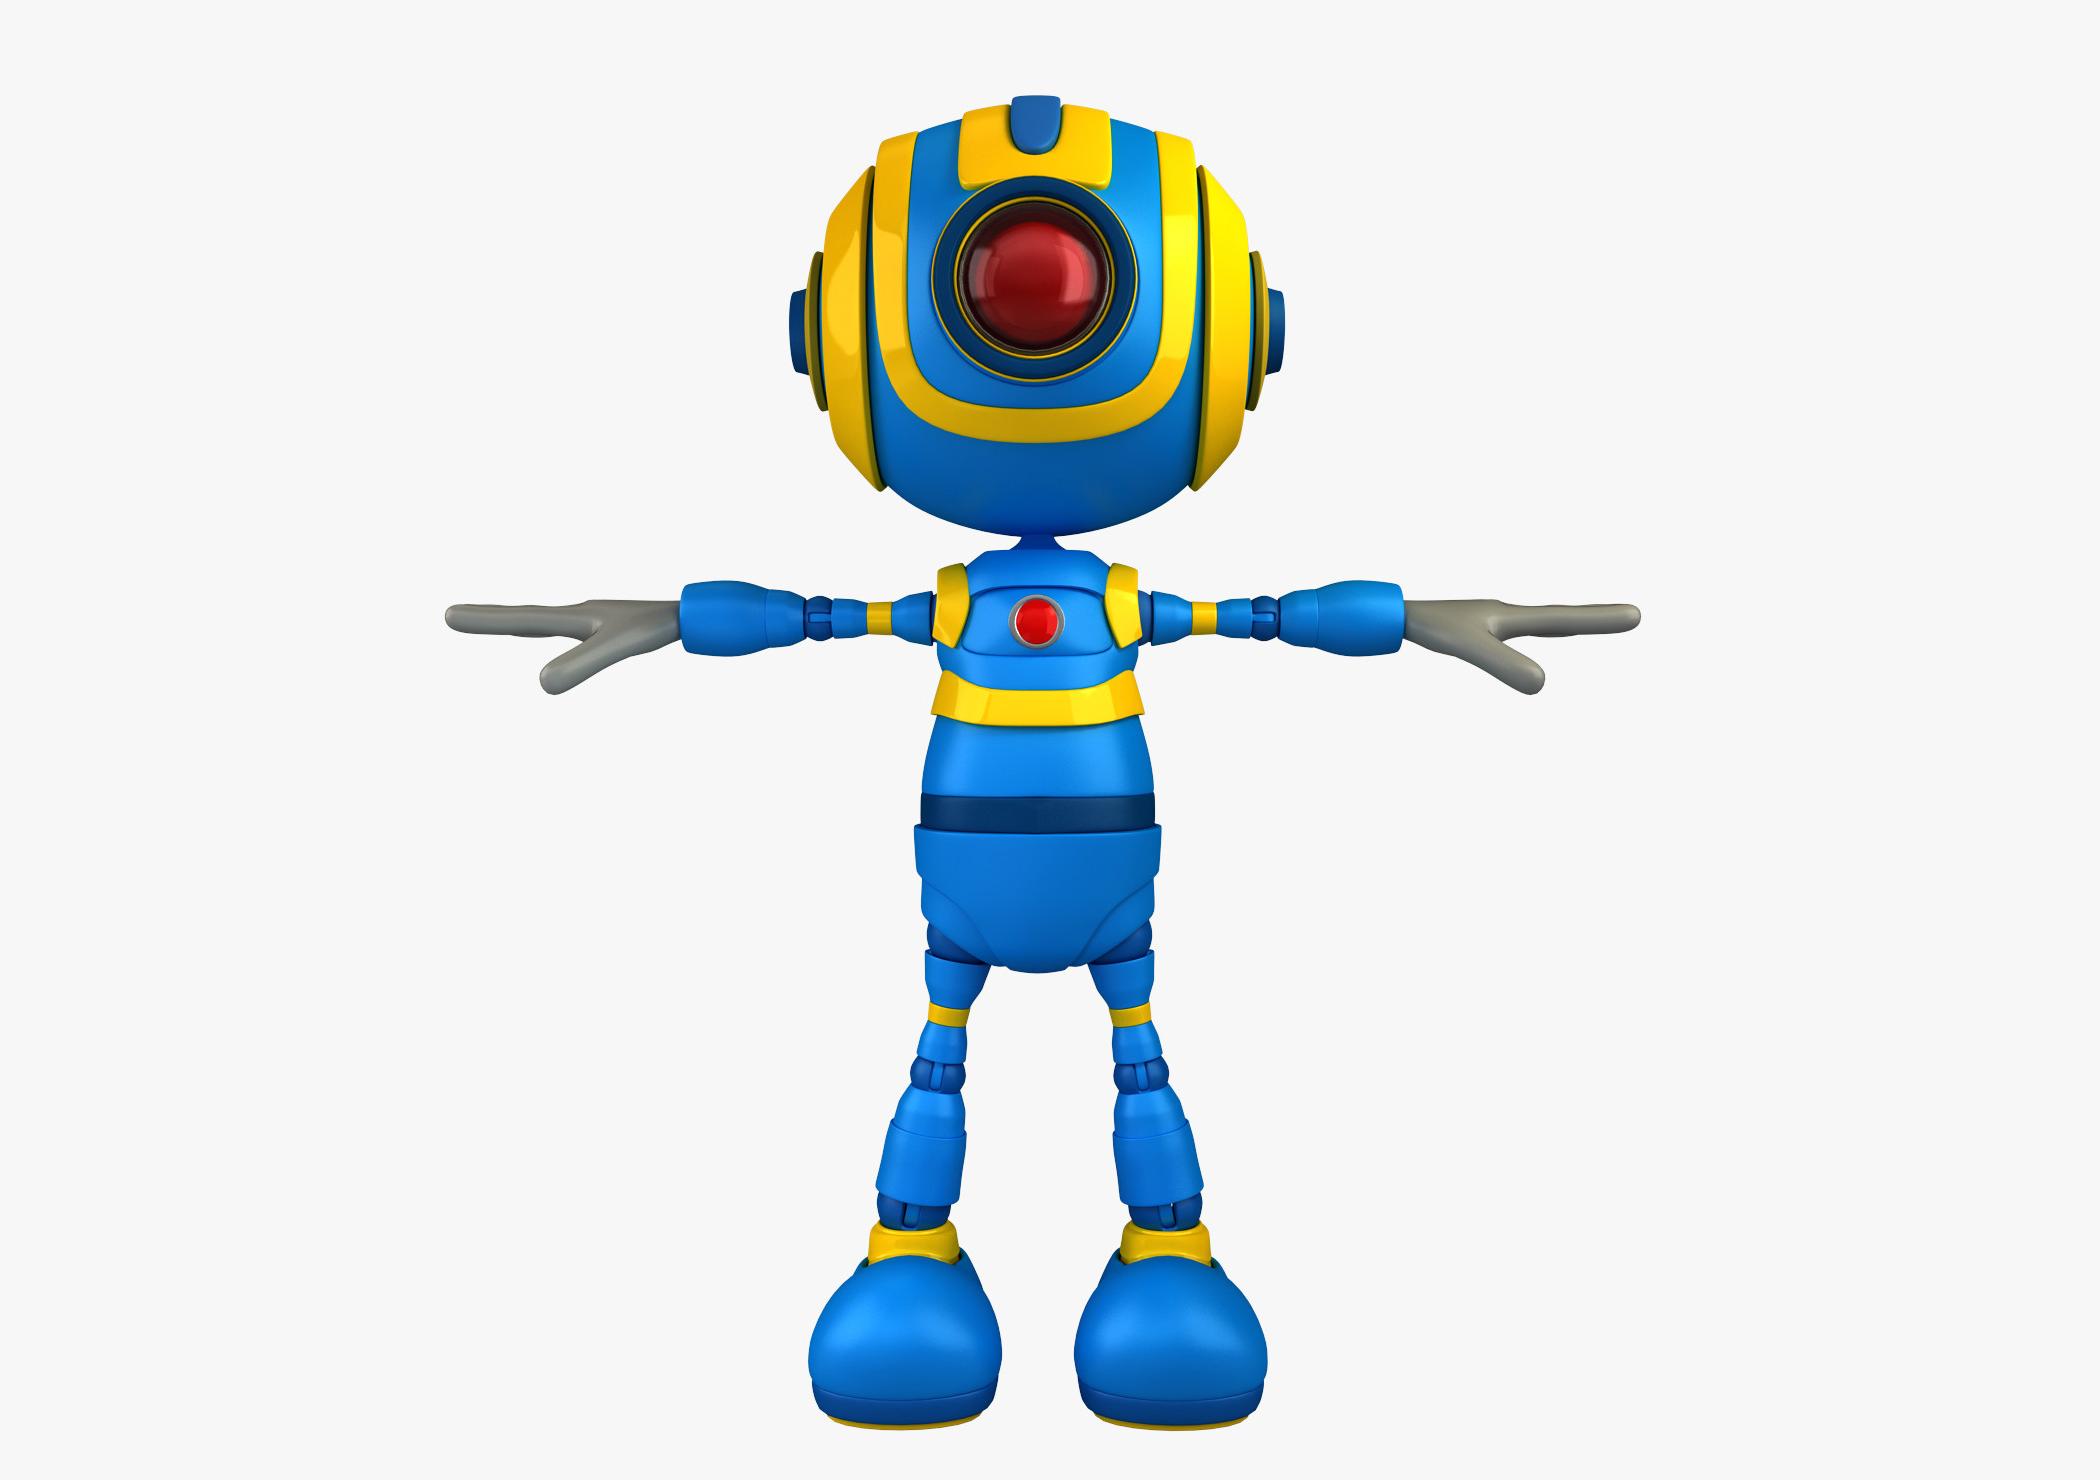 Blue Toon Robot